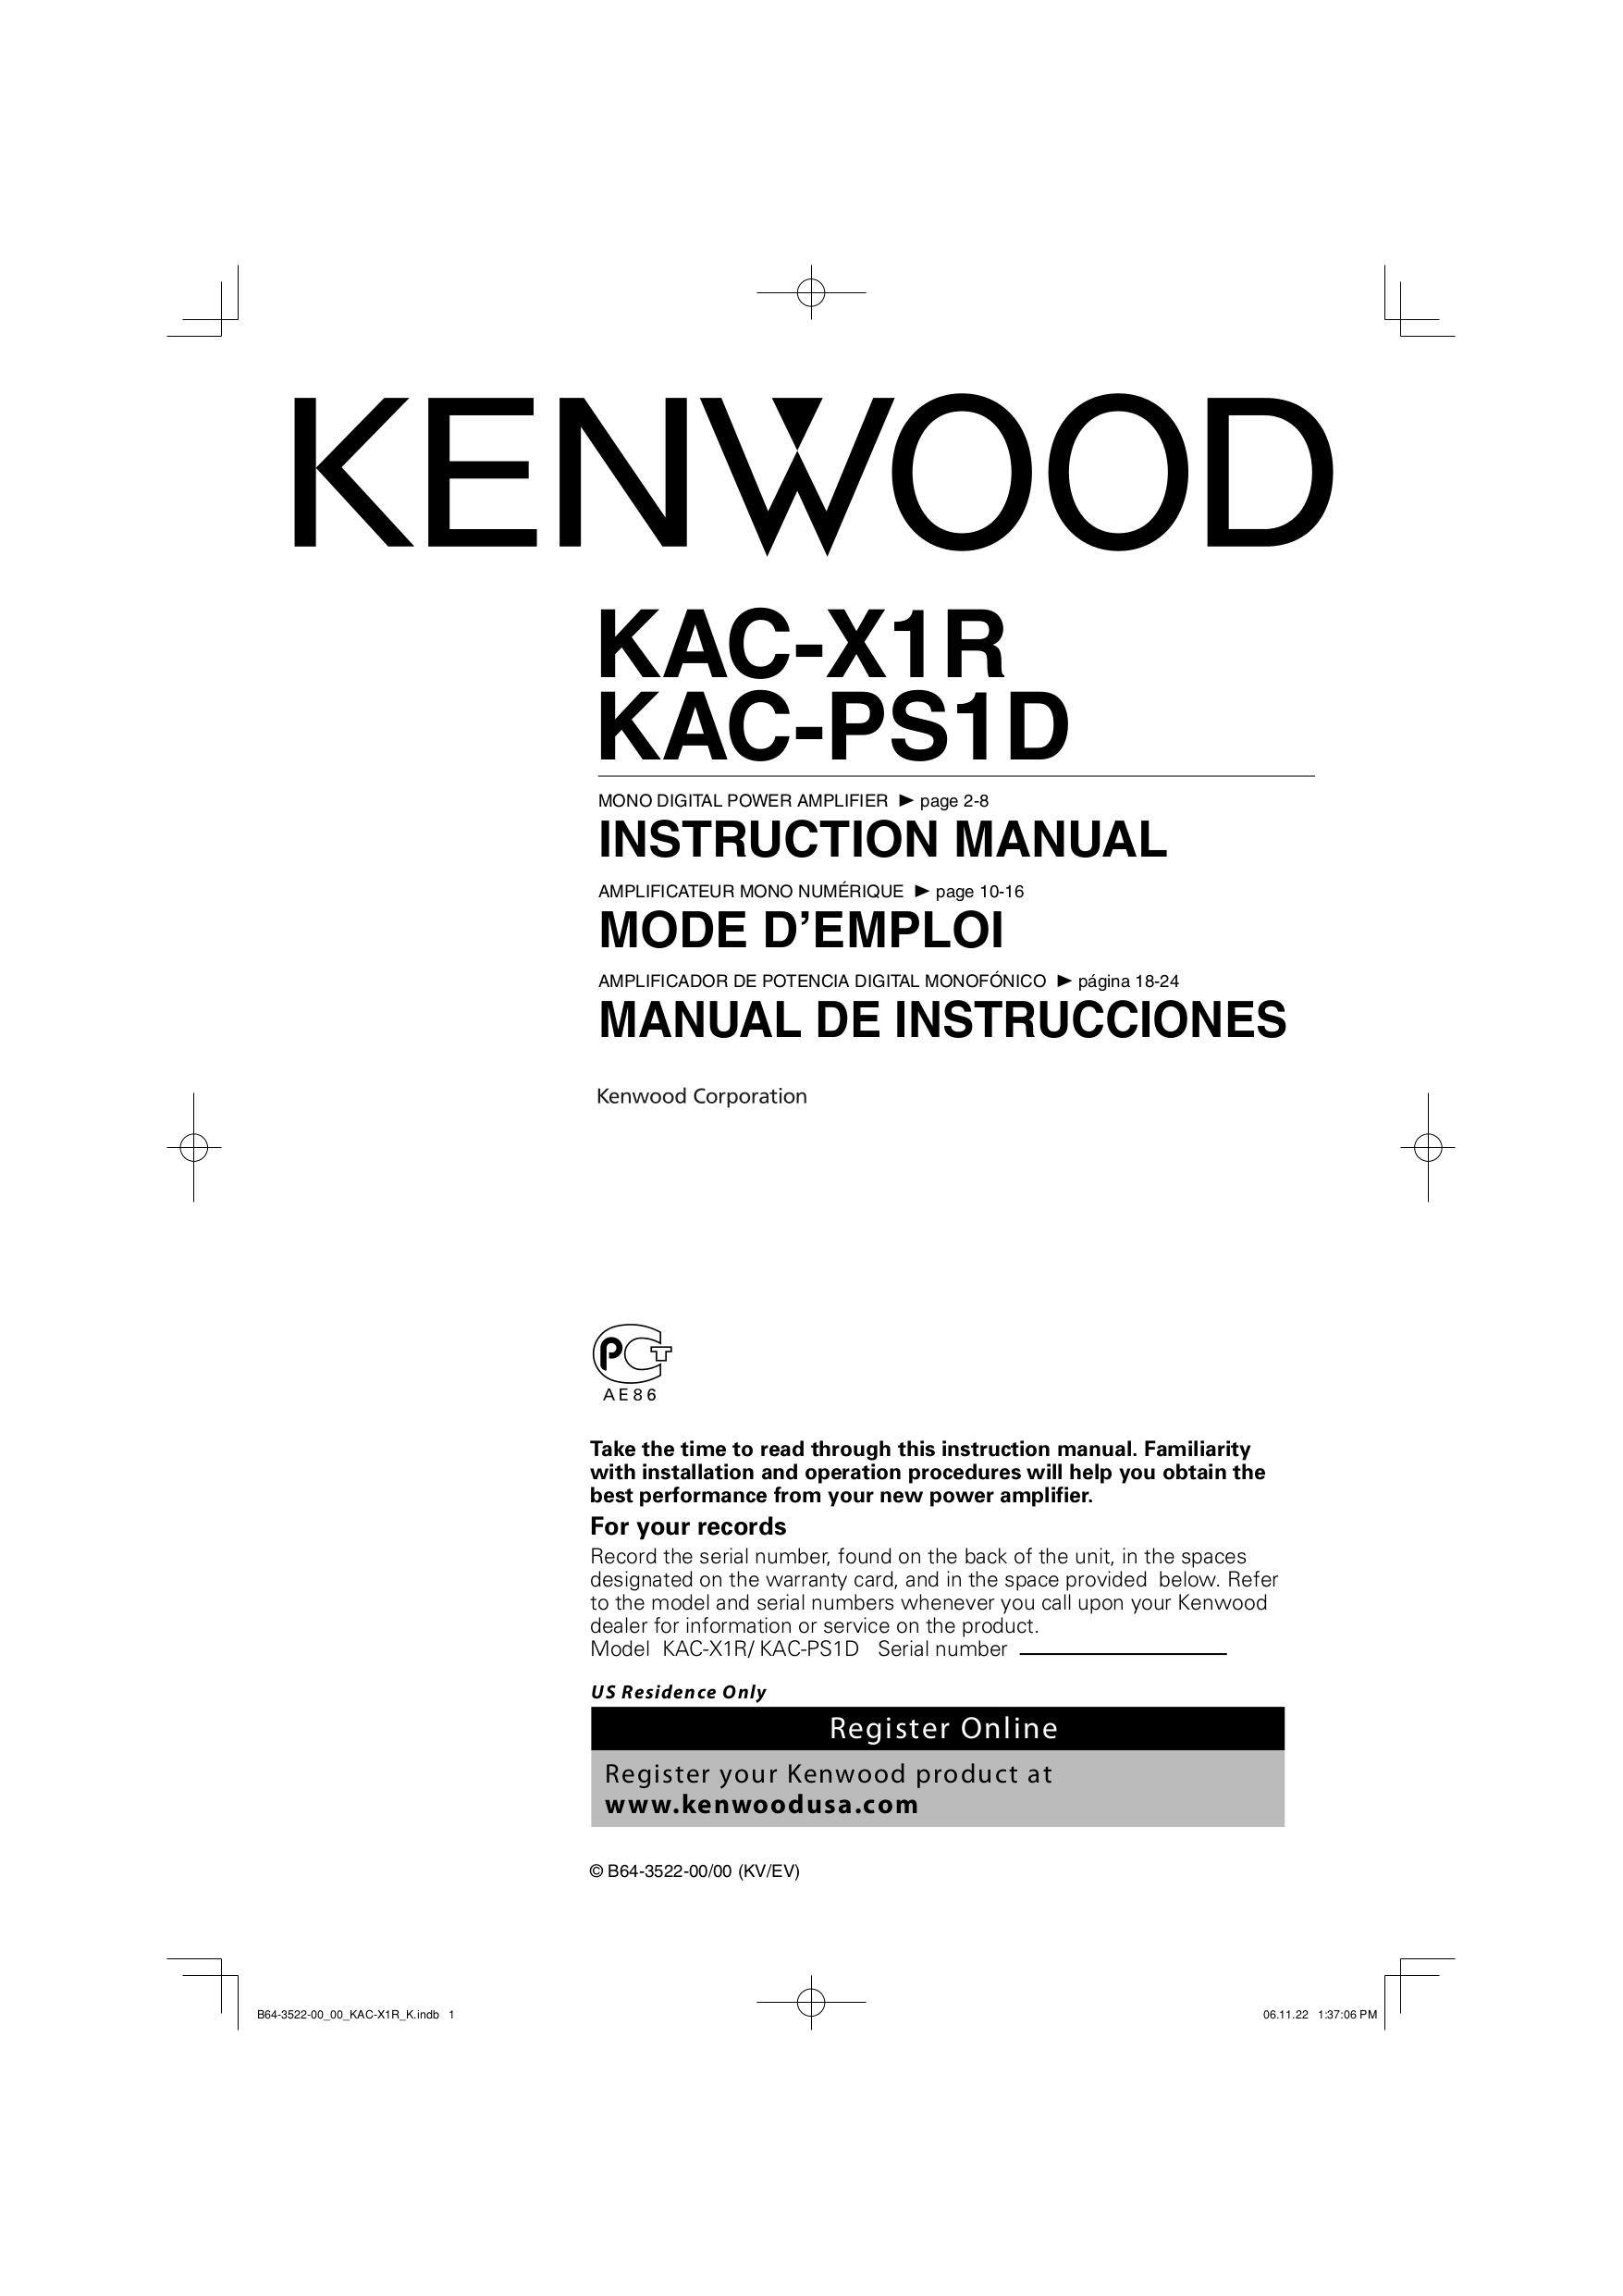 Download Free Pdf For Kenwood Kac X1r Car Amplifier Manual Wiring Diagram